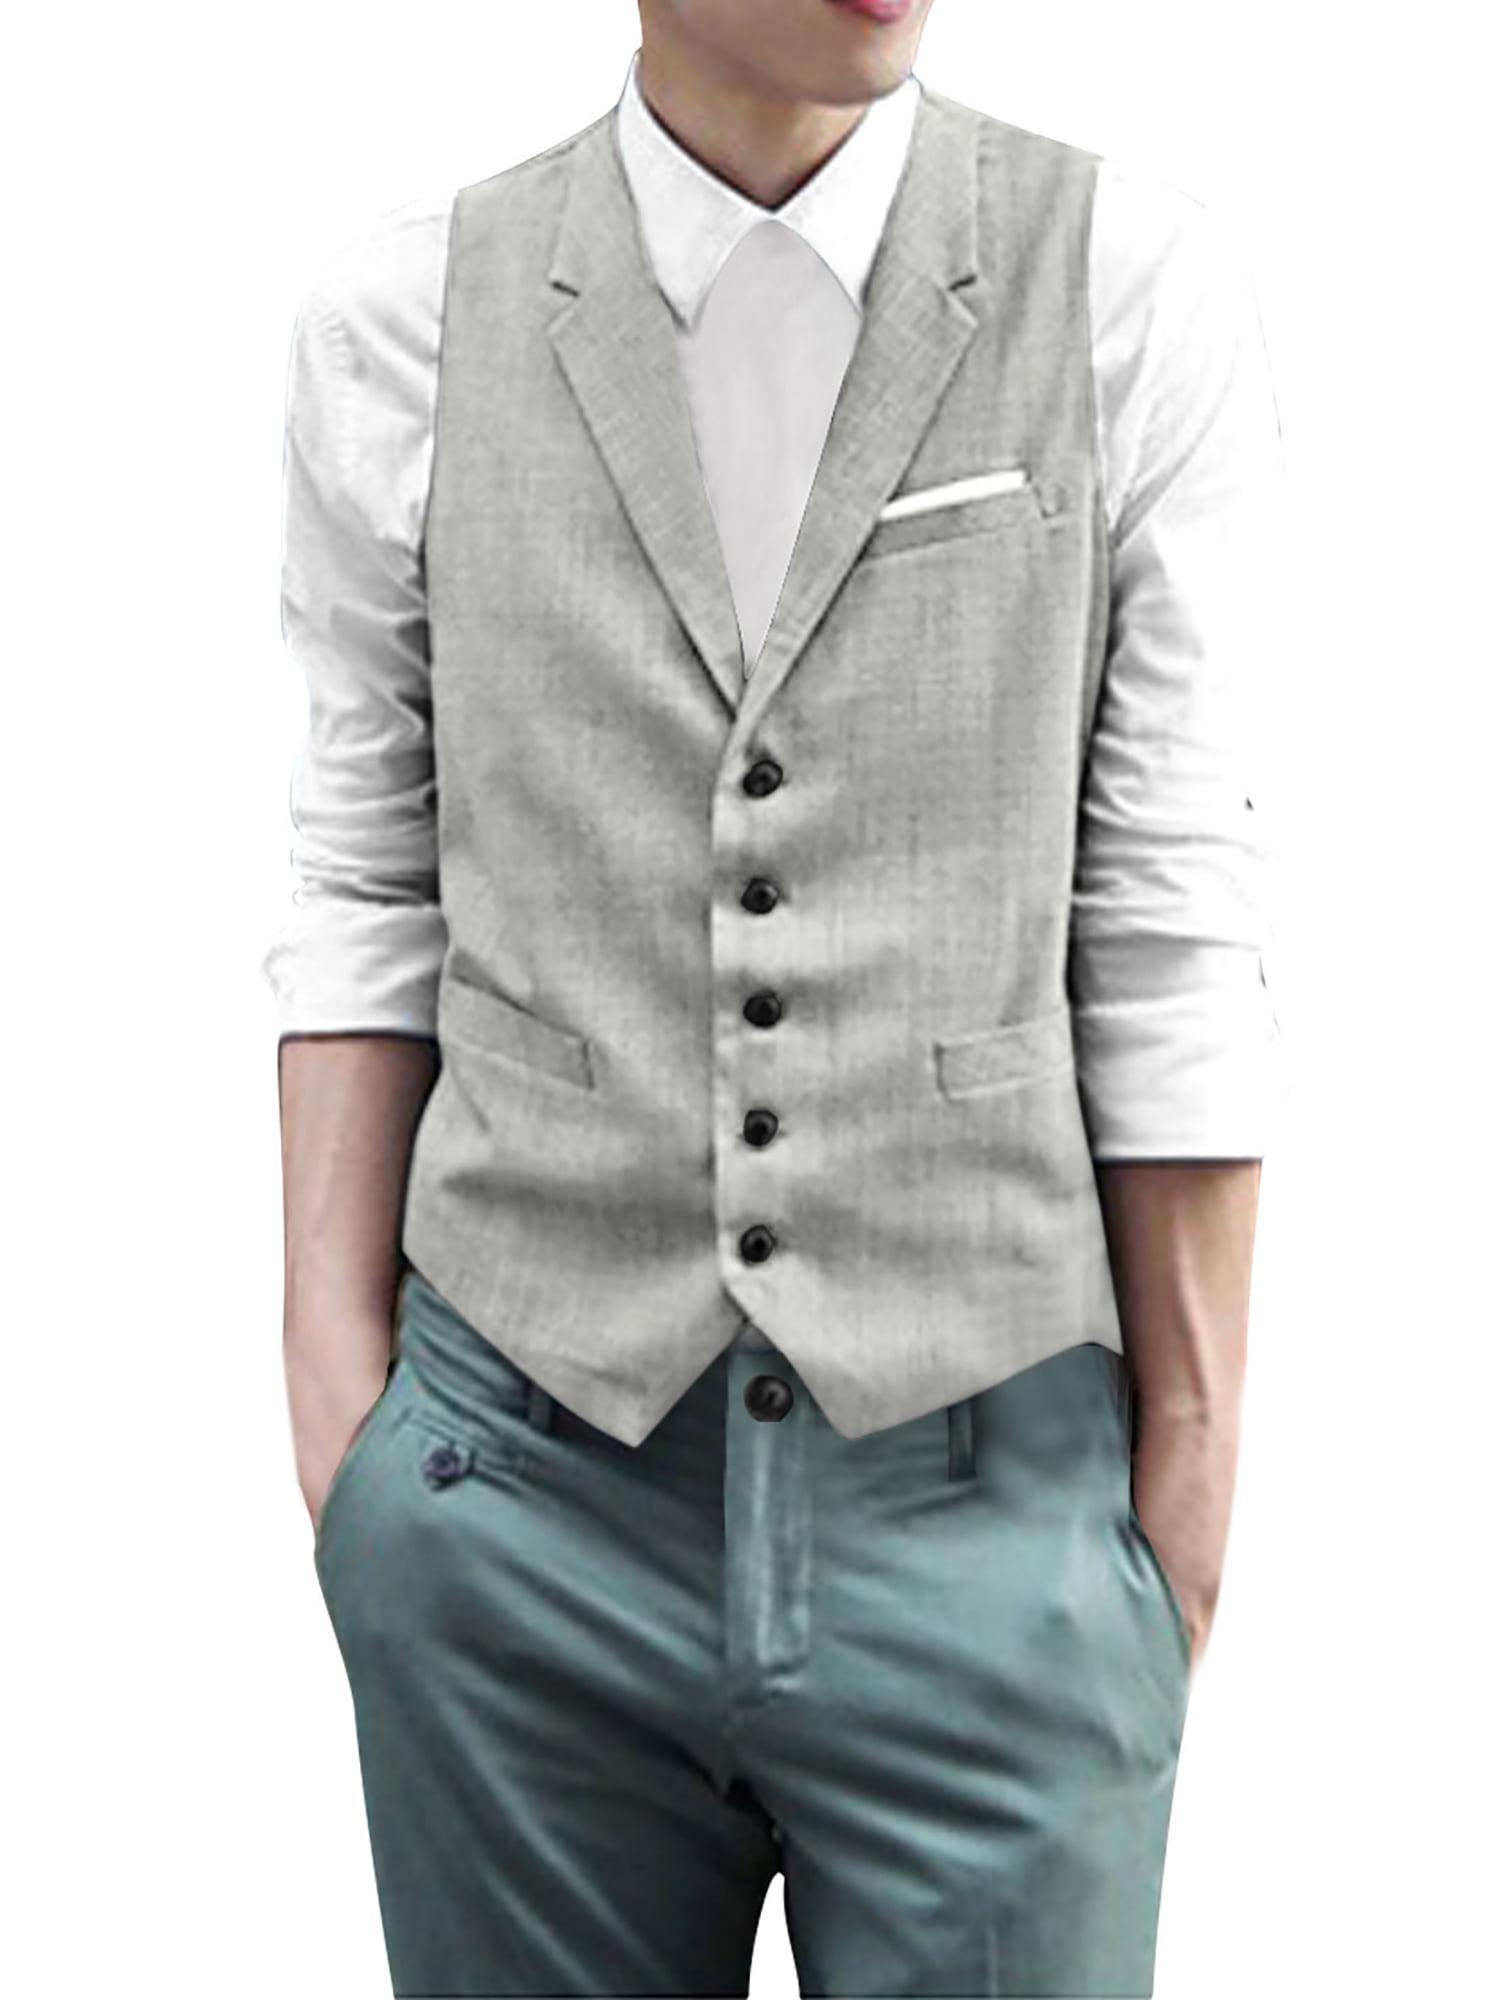 Azzuro Men's Notch Lapel Button Up Vest Gray (Size S / 34)